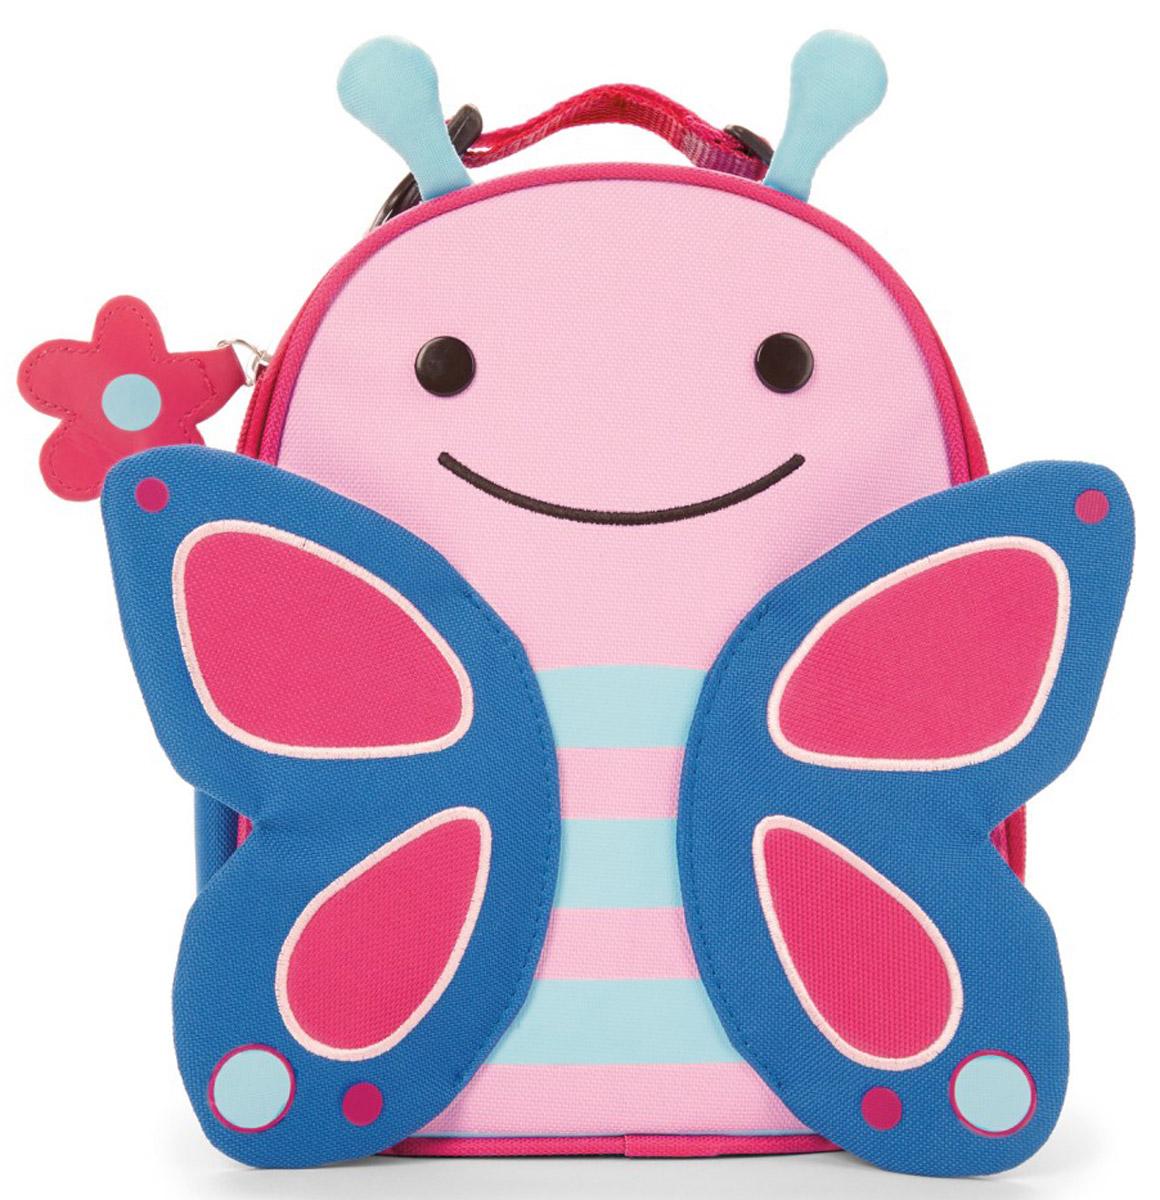 """Превосходный ланч-бокс Skip Hop """"Бабочка"""" отлично сохранит свежесть и вкус продуктов для вашего ребёнка. Сумка с одним отделением изготовлена из прочного текстиля. Лицевая сторона декорирована изображением улыбающейся бабочки с крылышками и торчащими """"усиками"""". Внутренняя поверхность отделана термоизоляционным материалом, благодаря которому продукты дольше остаются свежими. Изделие закрывается на пластиковую застежку-молнию с удобным держателем на бегунке. Внутри имеется сетчатый карман для хранения аксессуаров и текстильная нашивка для записи имени владельца сумки. Ланч-бокс дополнен удобной текстильной ручкой с регулируемой длиной и пластиковым карабином. Такая сумка ланч-бокс пригодится везде: на прогулке, во время учебы, на отдыхе, во время путешествий."""